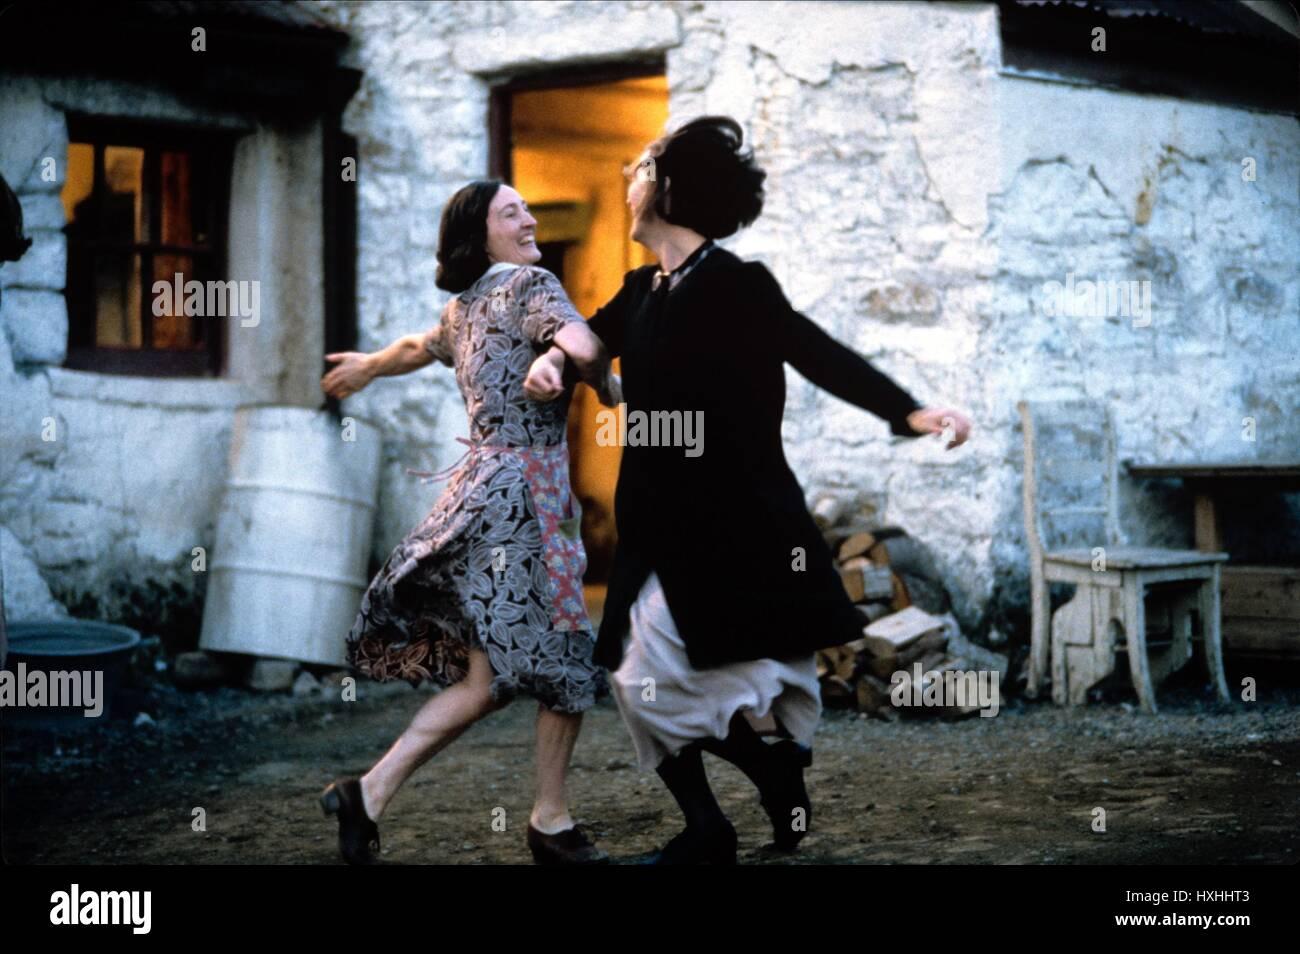 BRID BRENNAN, MERYL STREEP, DANCING AT LUGHNASA, 1998 Stock